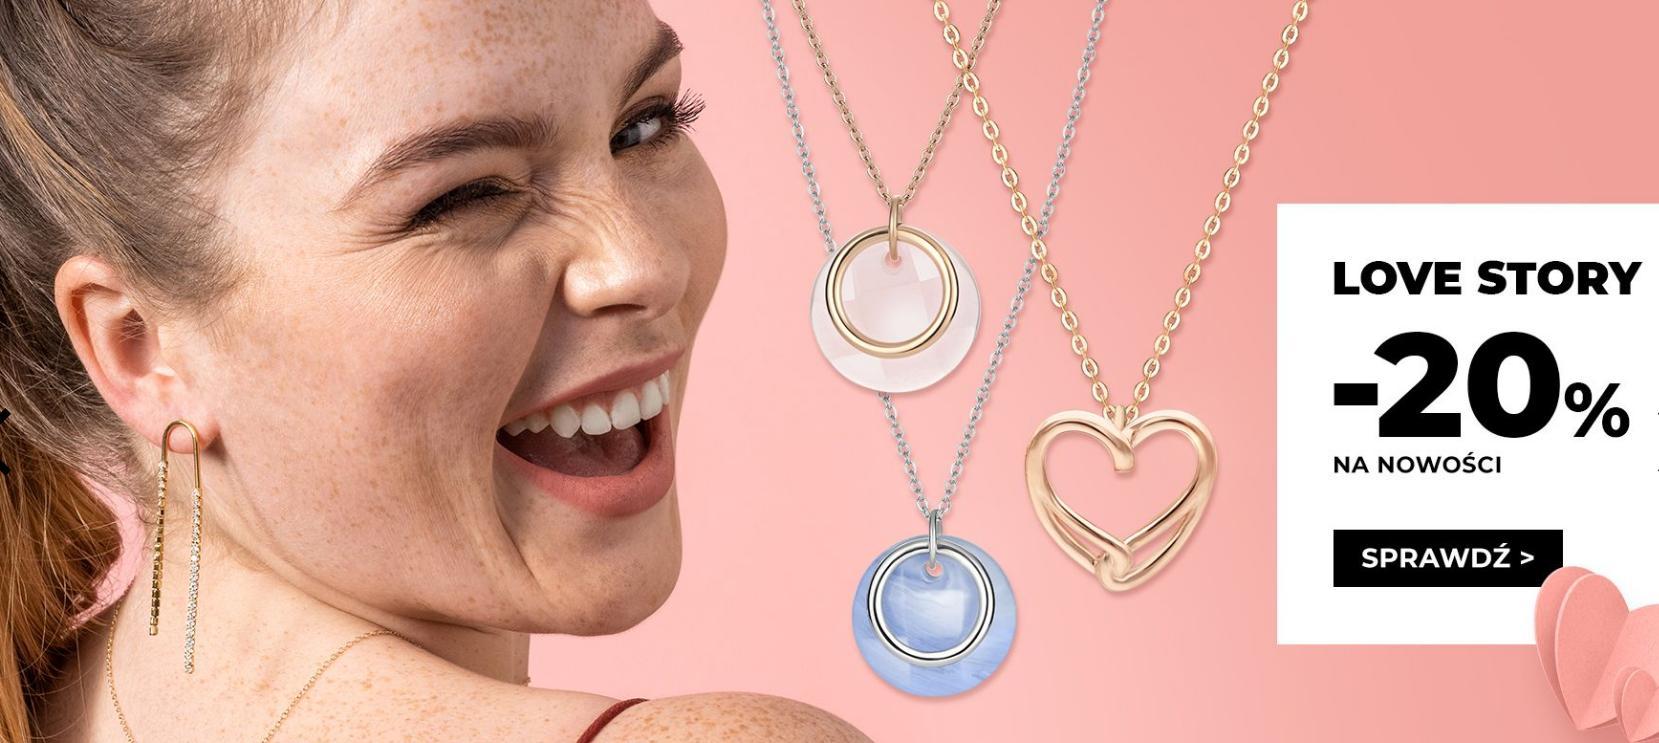 Picky Pica Picky Pica: 20% zniżki na nowości biżuterii - prezent na Walentynki